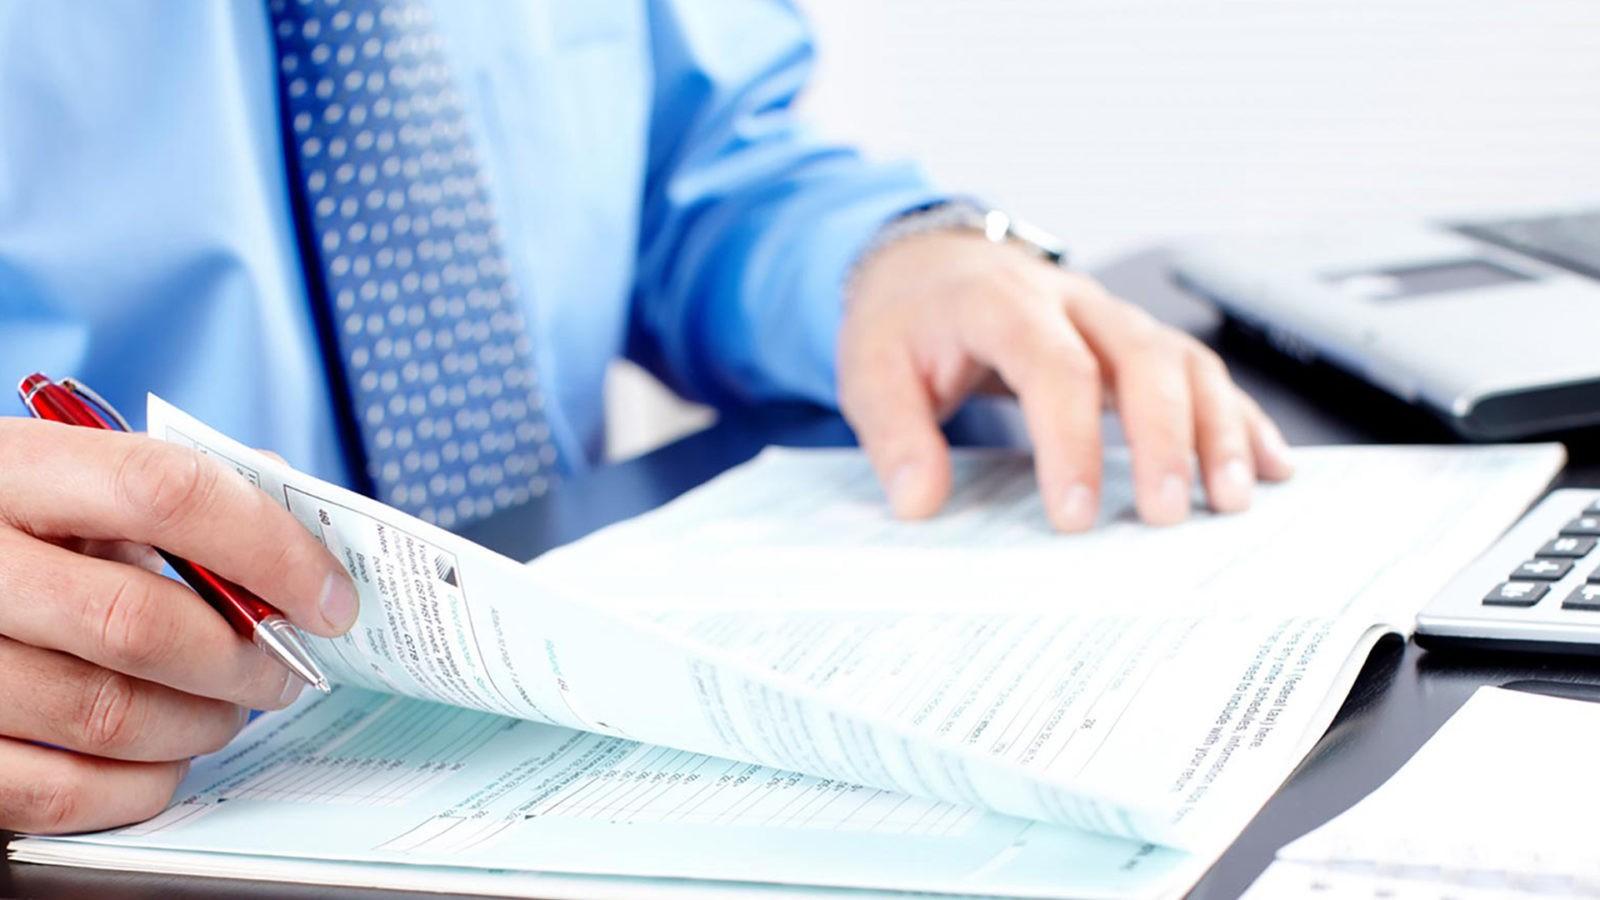 Παρατείνεται η προθεσμία υποβολής των φορολογικών δηλώσεων